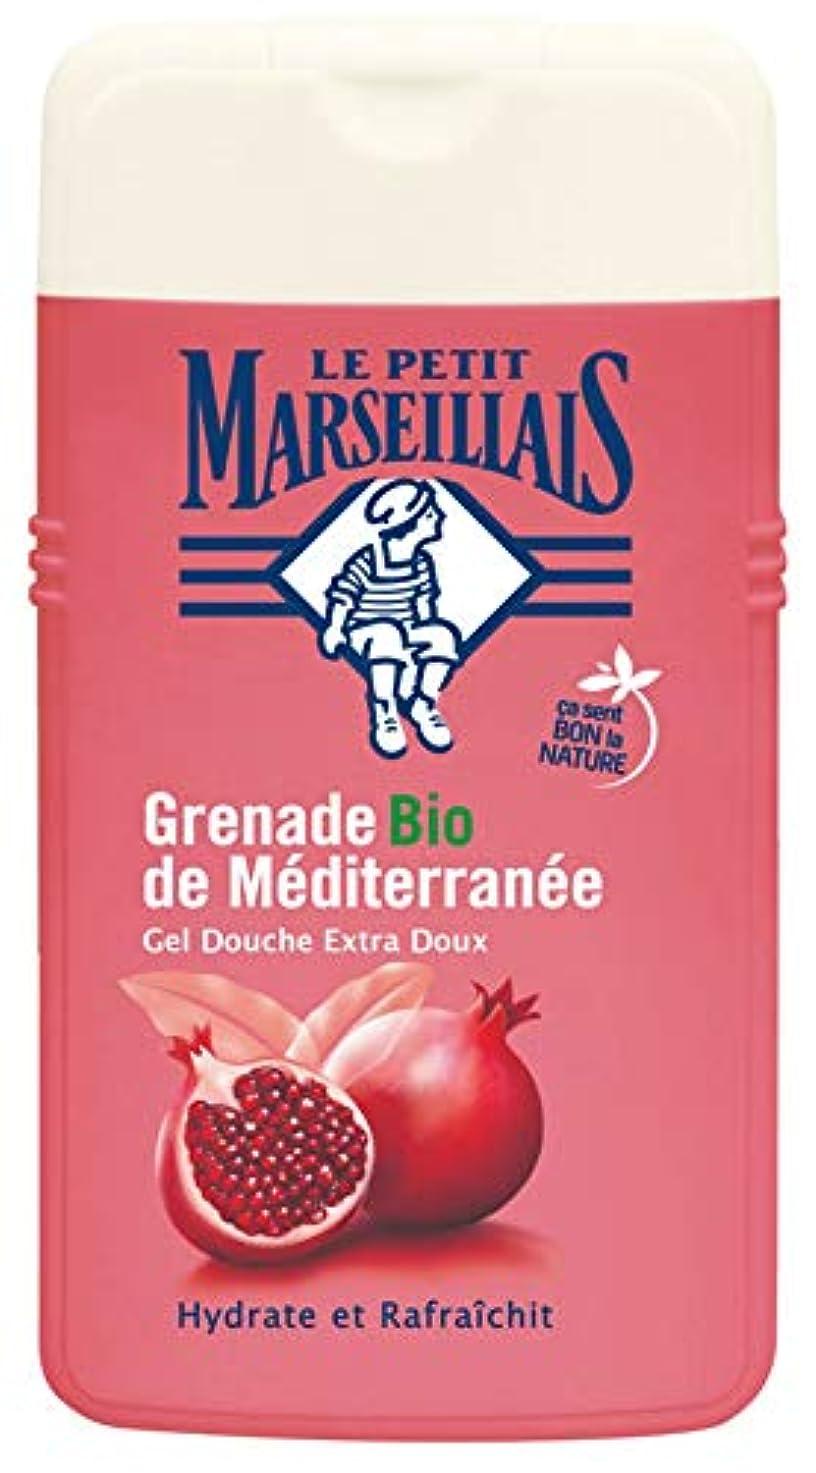 ル?プティ?マルセイユ (Le Petit Marseillais) 地中海のザクロ シャワージェル ボディウォッシュ 250ml